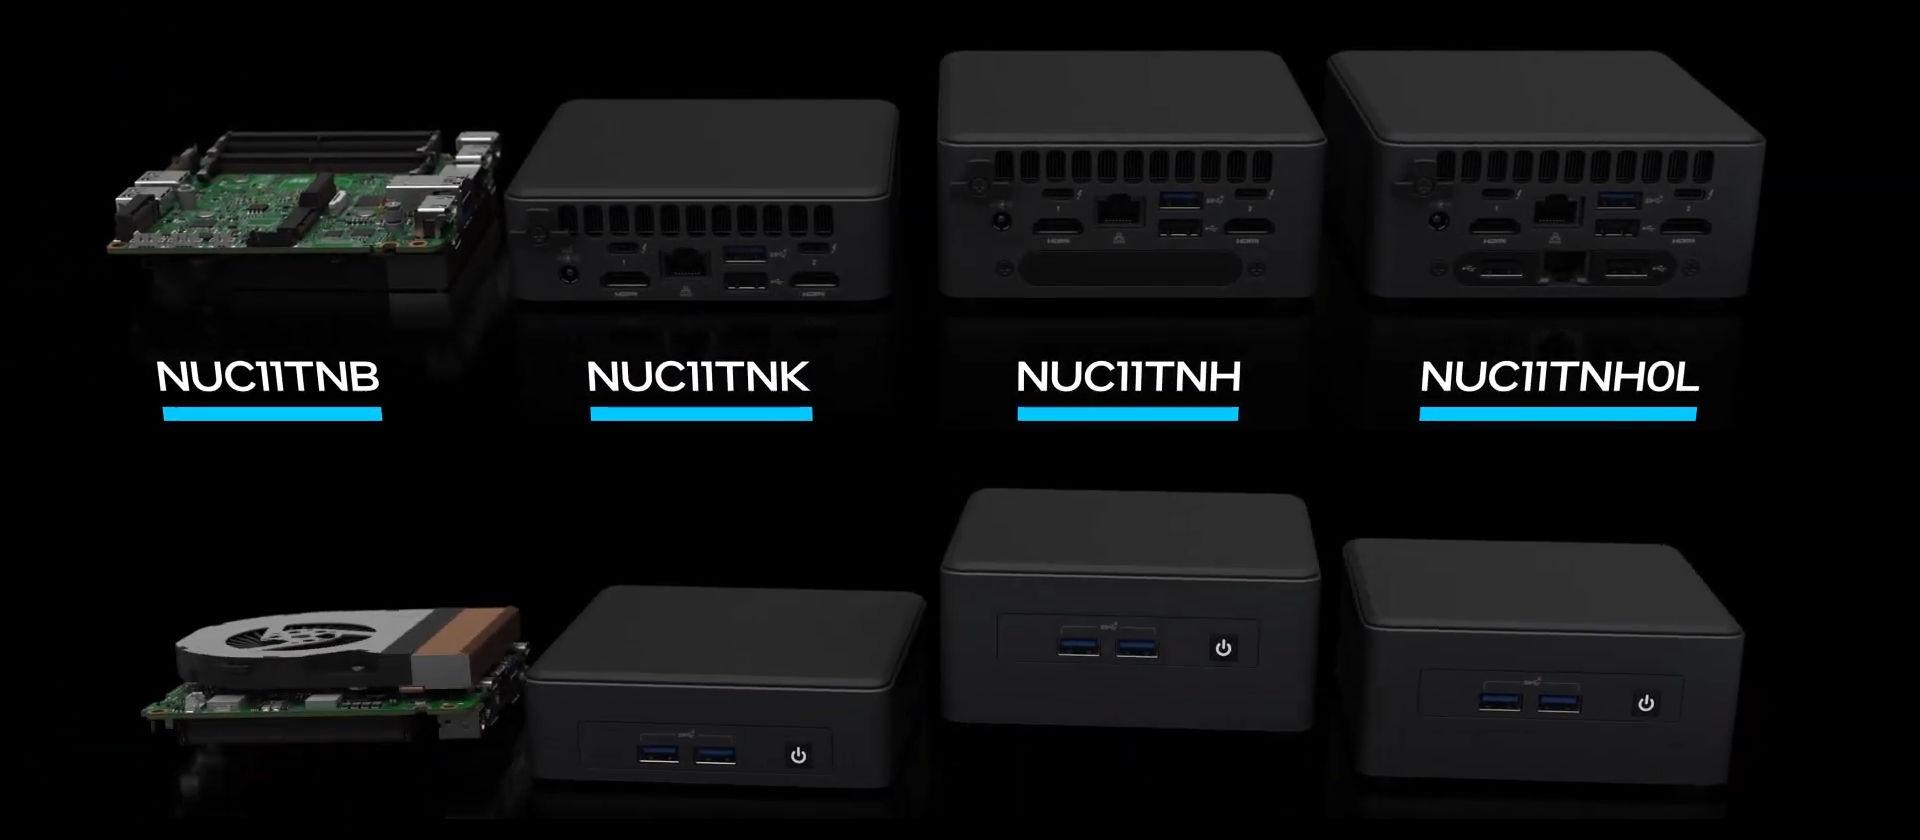 کامپیوترهای کوچک اینتل سری پرو تایگر کنیون